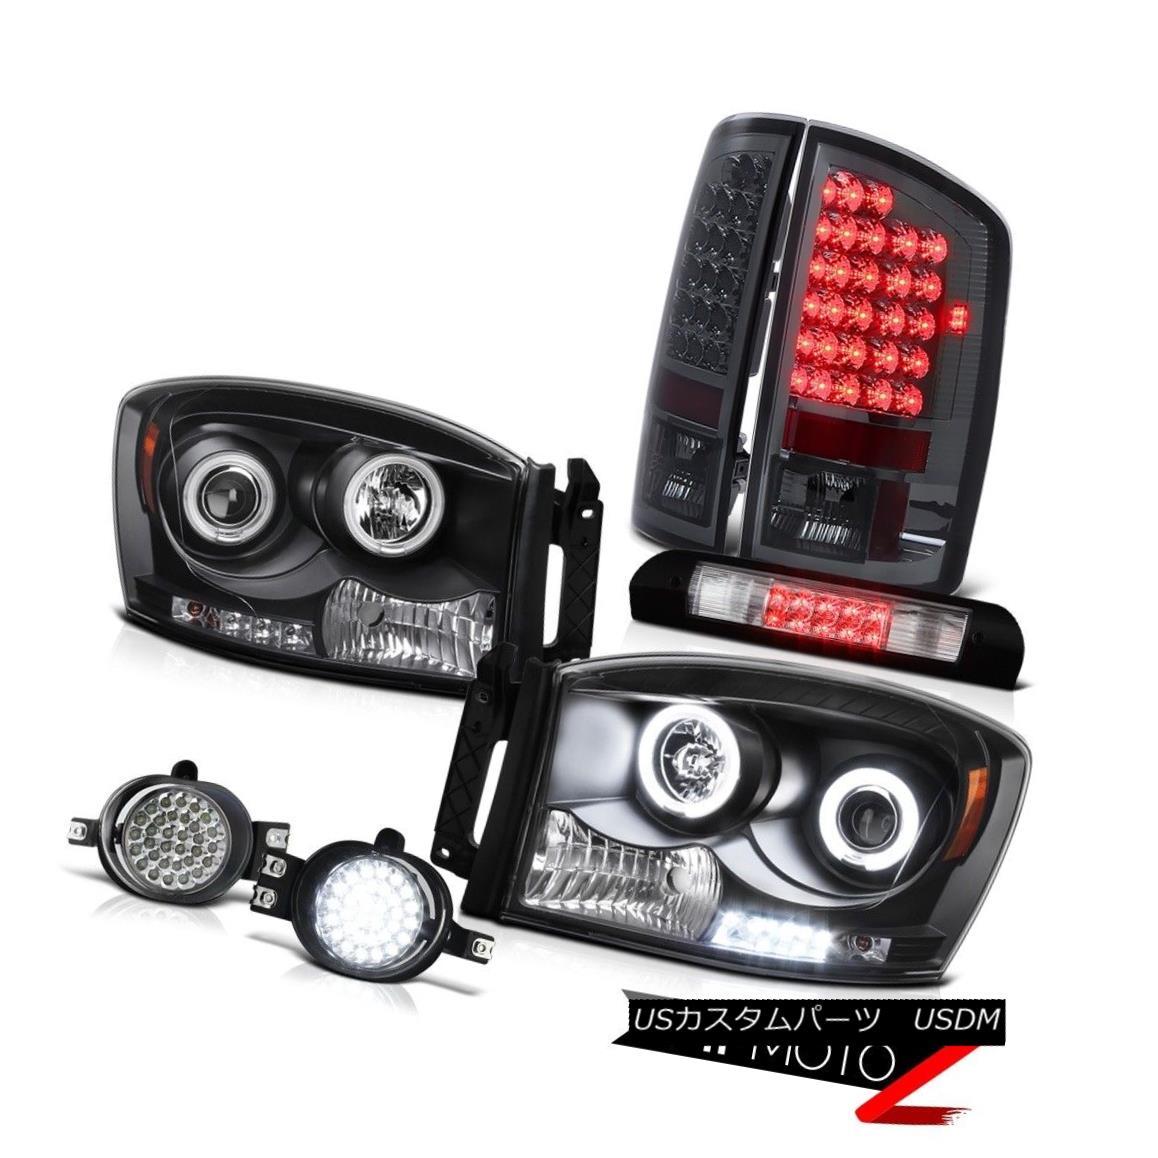 ヘッドライト 07 08 Ram V6 2X Black CCFL Headlights Parking Tail Lights Wiring+LED Fog Chrome 07 08 Ram V6 2XブラックCCFLヘッドライトパーキングテールライト配線+ LEDフォグクローム